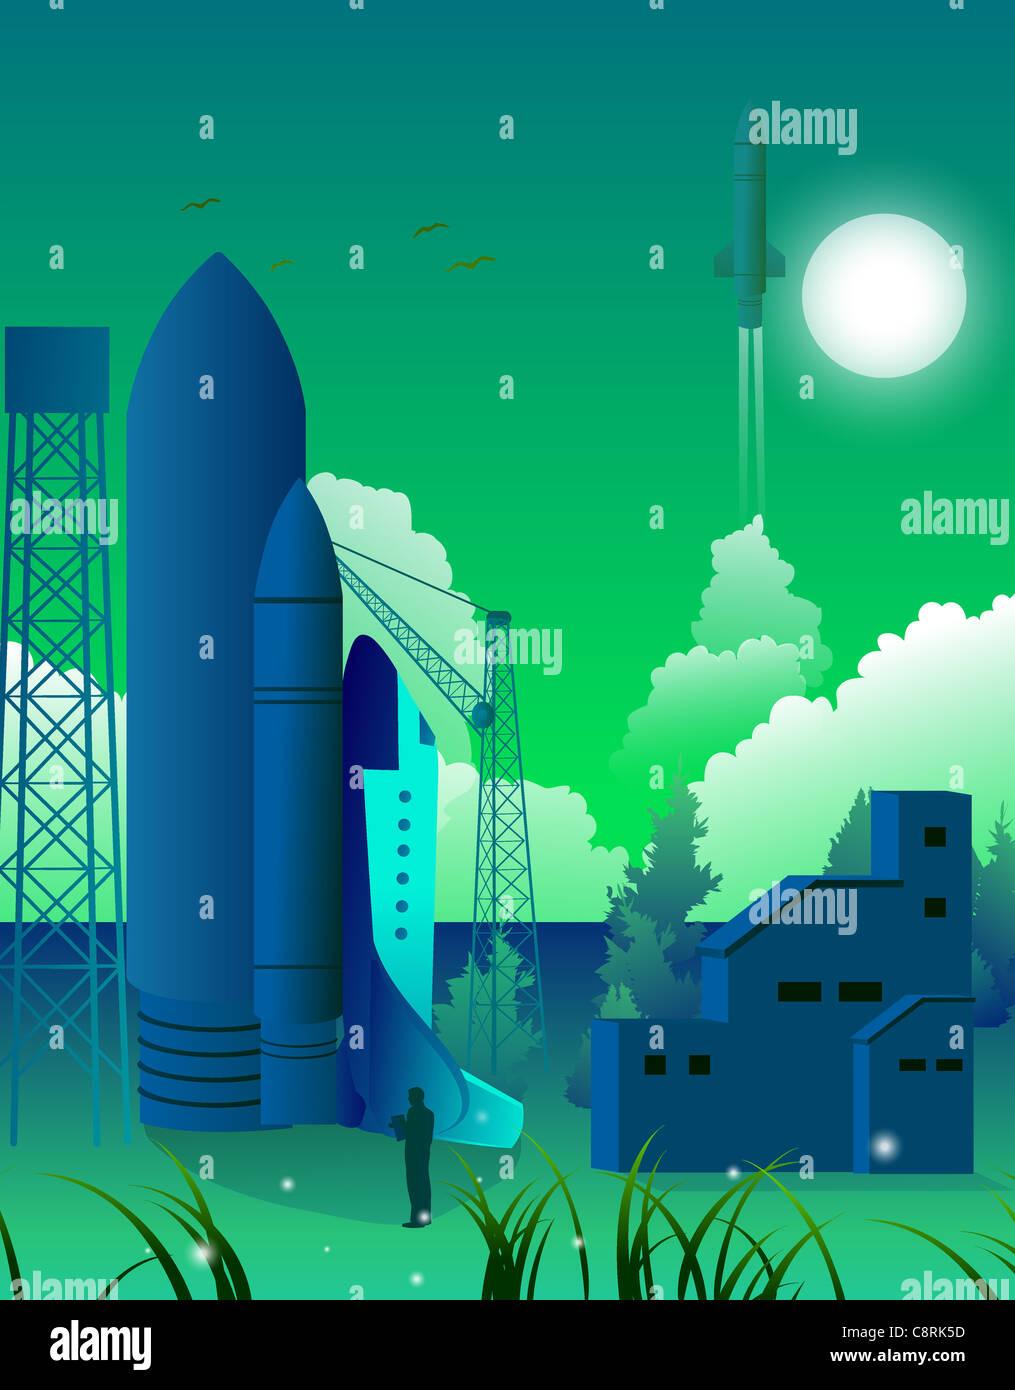 Illustrazione del razzo Immagini Stock